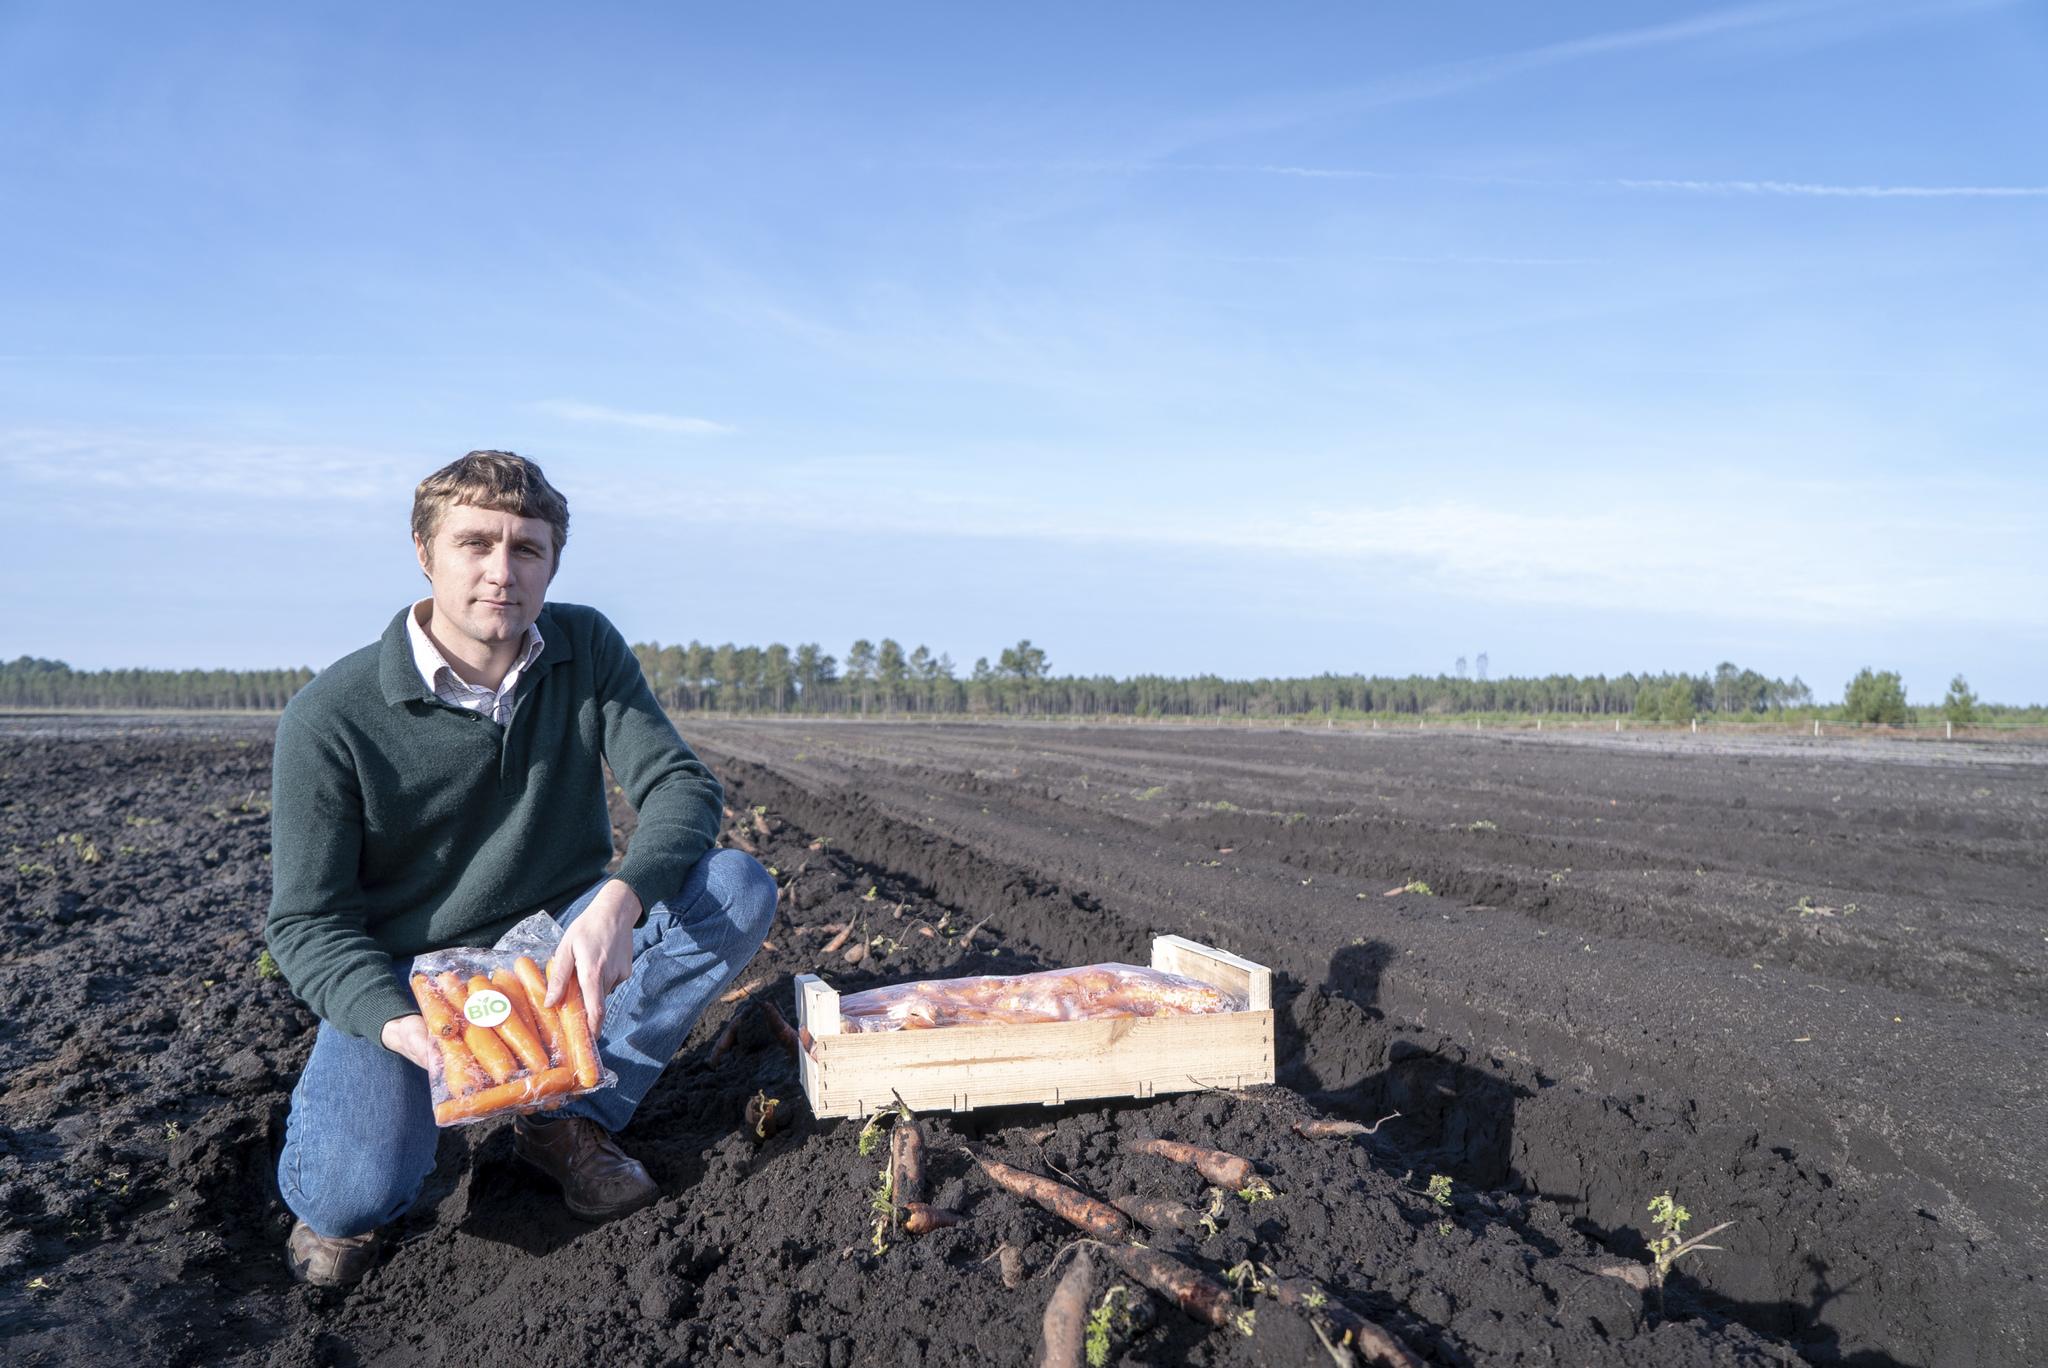 1 2 - Blédina et MiiMOSA soutiennent les agriculteurs dans leur conversion au bio